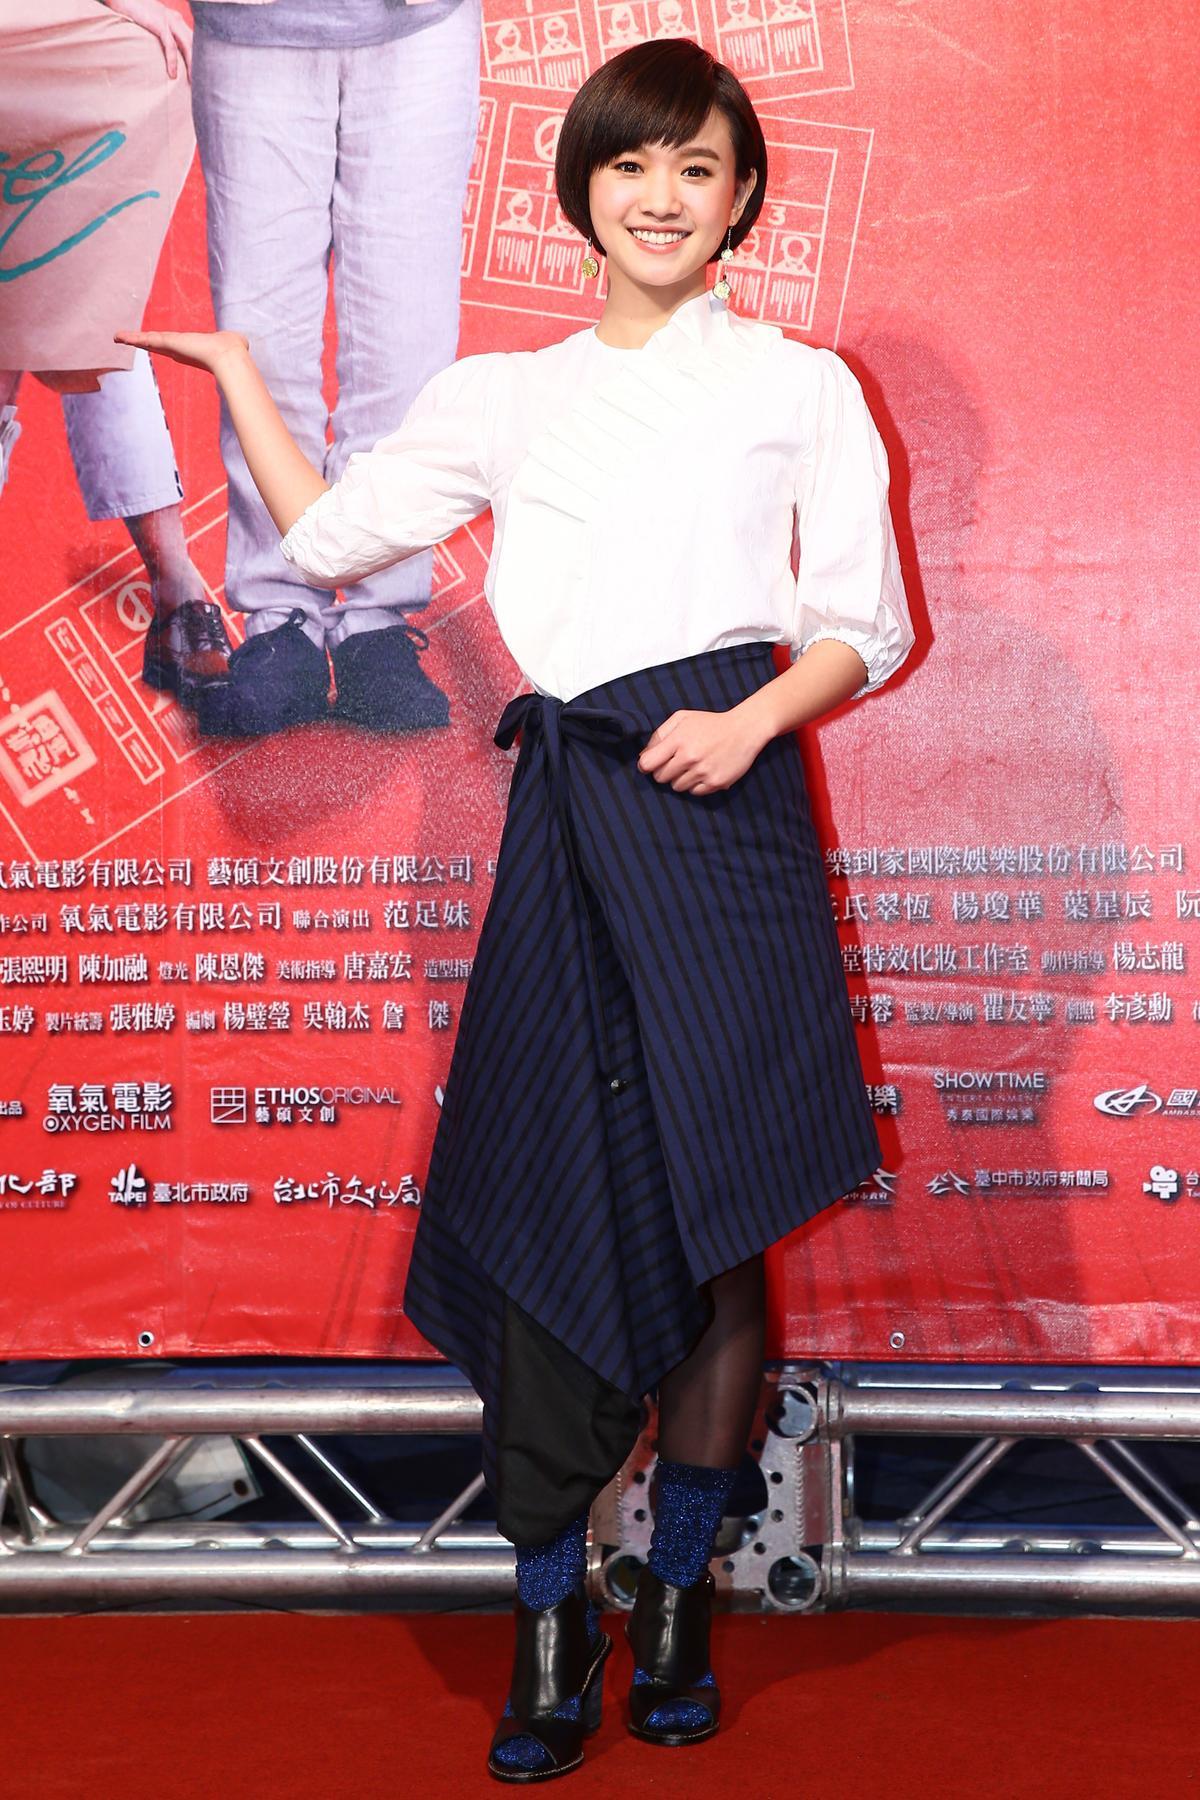 飾演女主角的阿瑋嚴正嵐憑著花甲一系列人氣爆升。(氧氣電影提供)